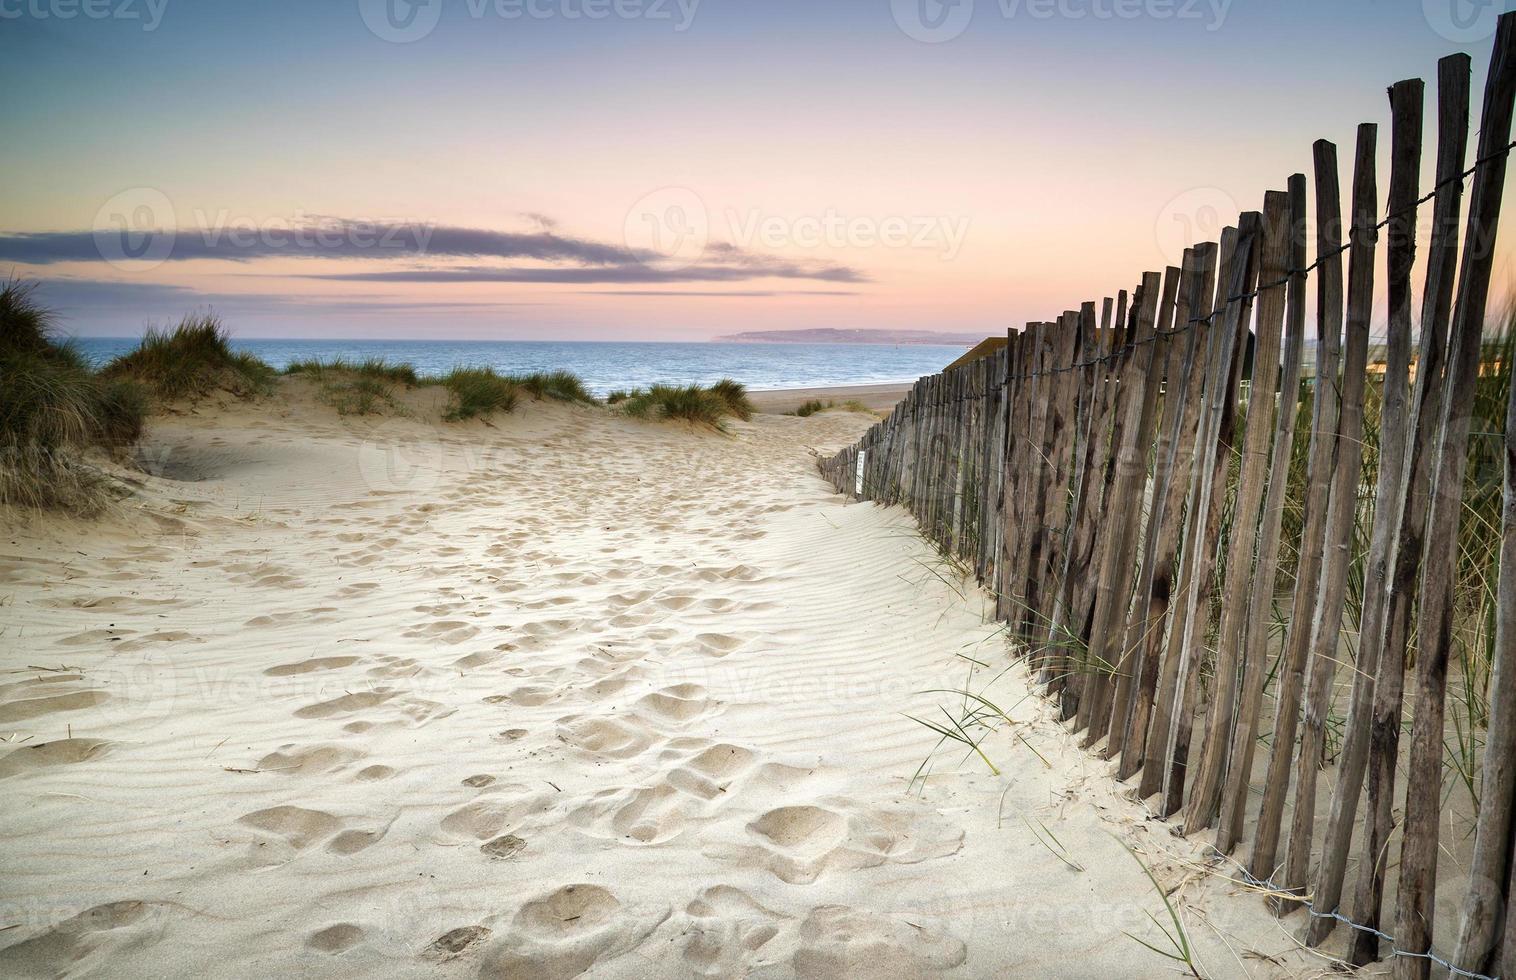 gräsbevuxna sanddynlandskap vid soluppgången foto